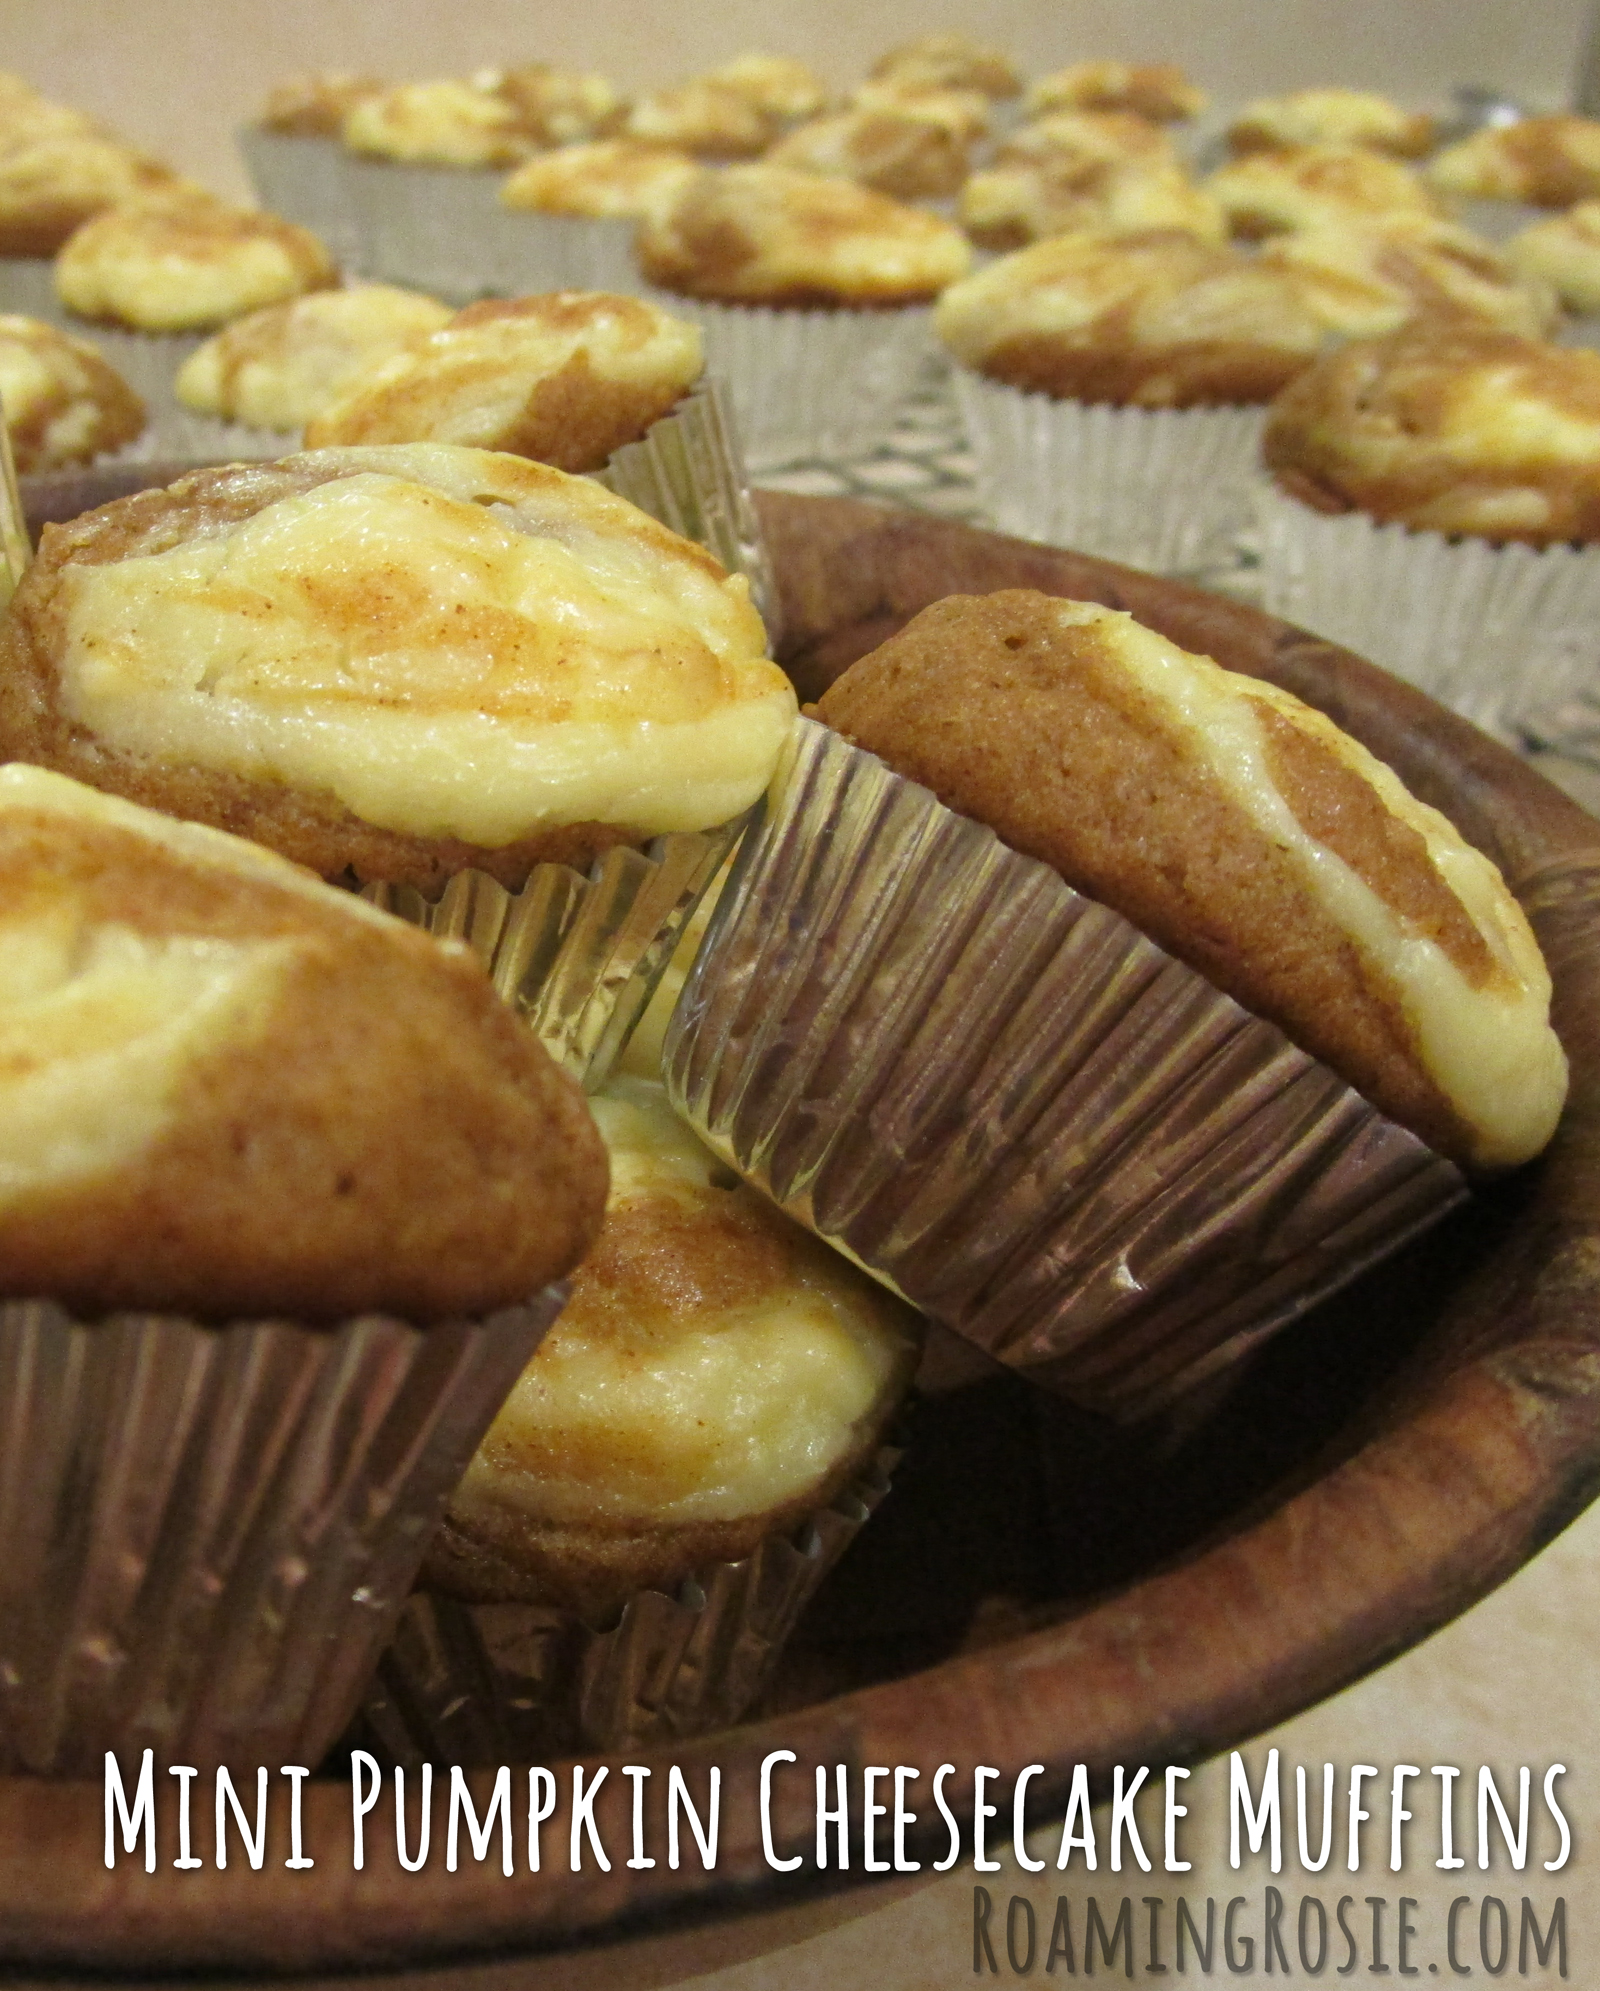 Mini Pumpkin Cheesecake Muffins Recipe